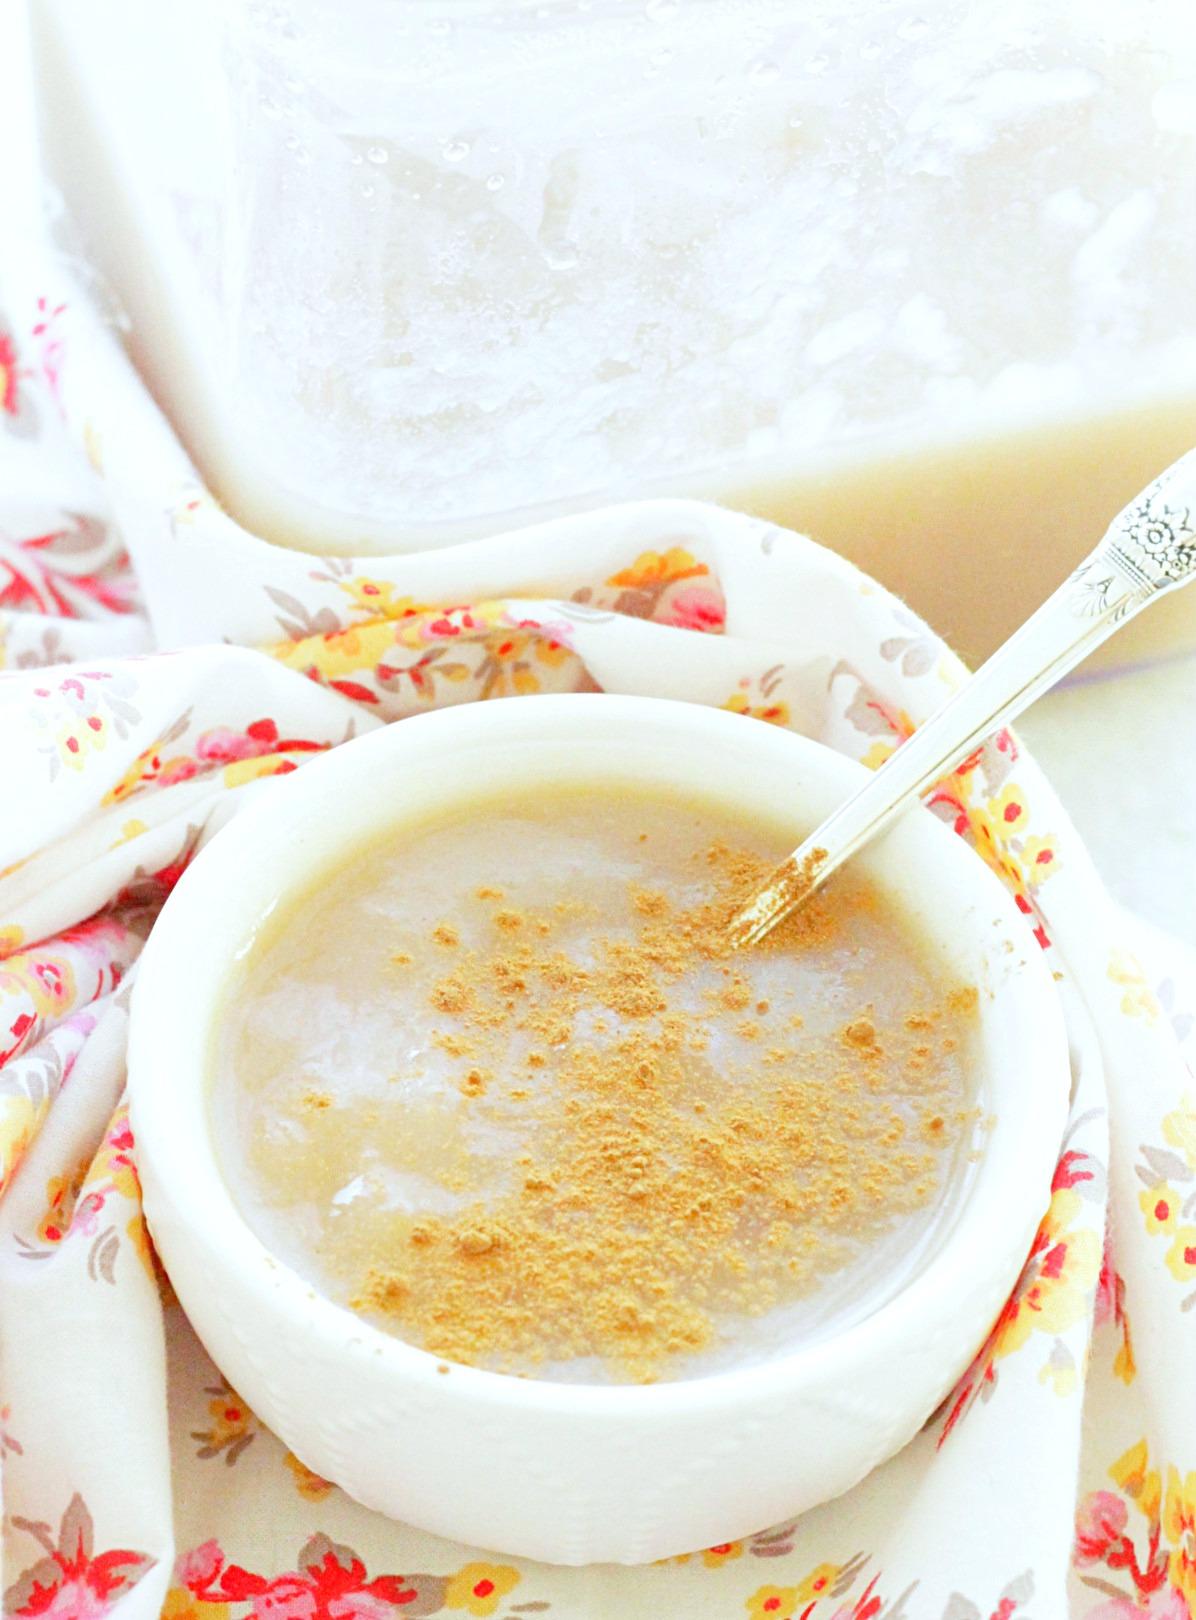 instant pot applesauce in bowl